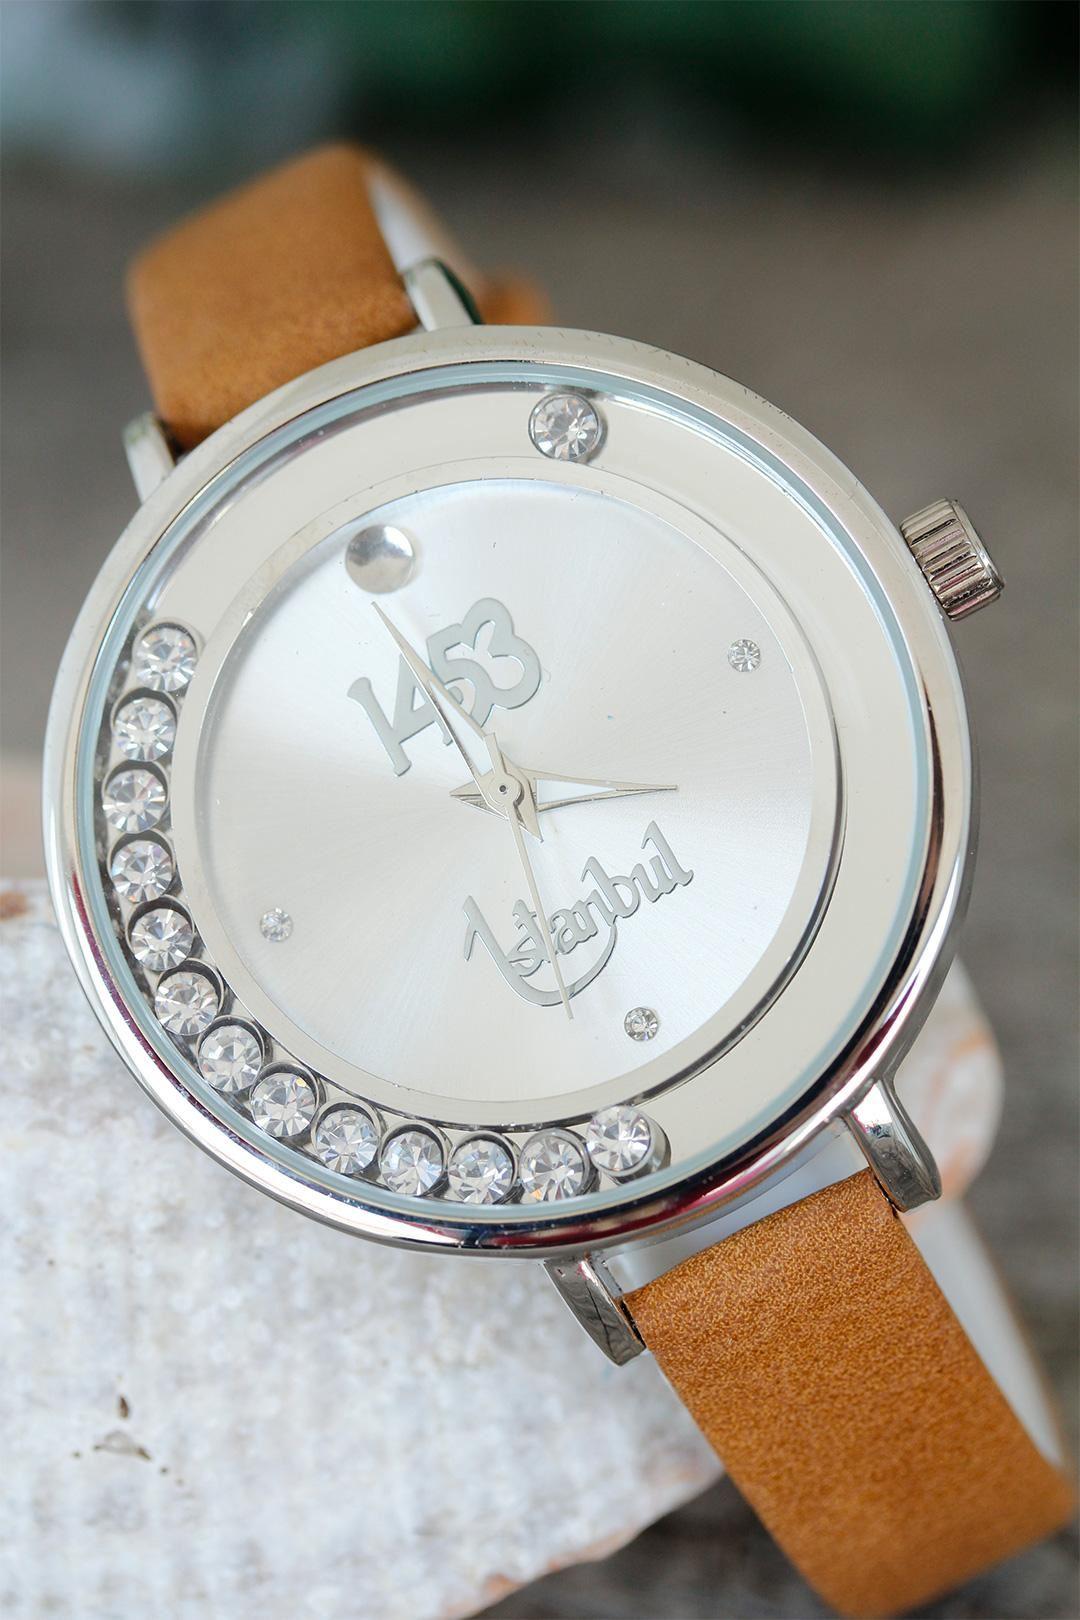 İstanbul 1453 Tasarımlı Kahverengi Deri Kordonlu Bayan Saat